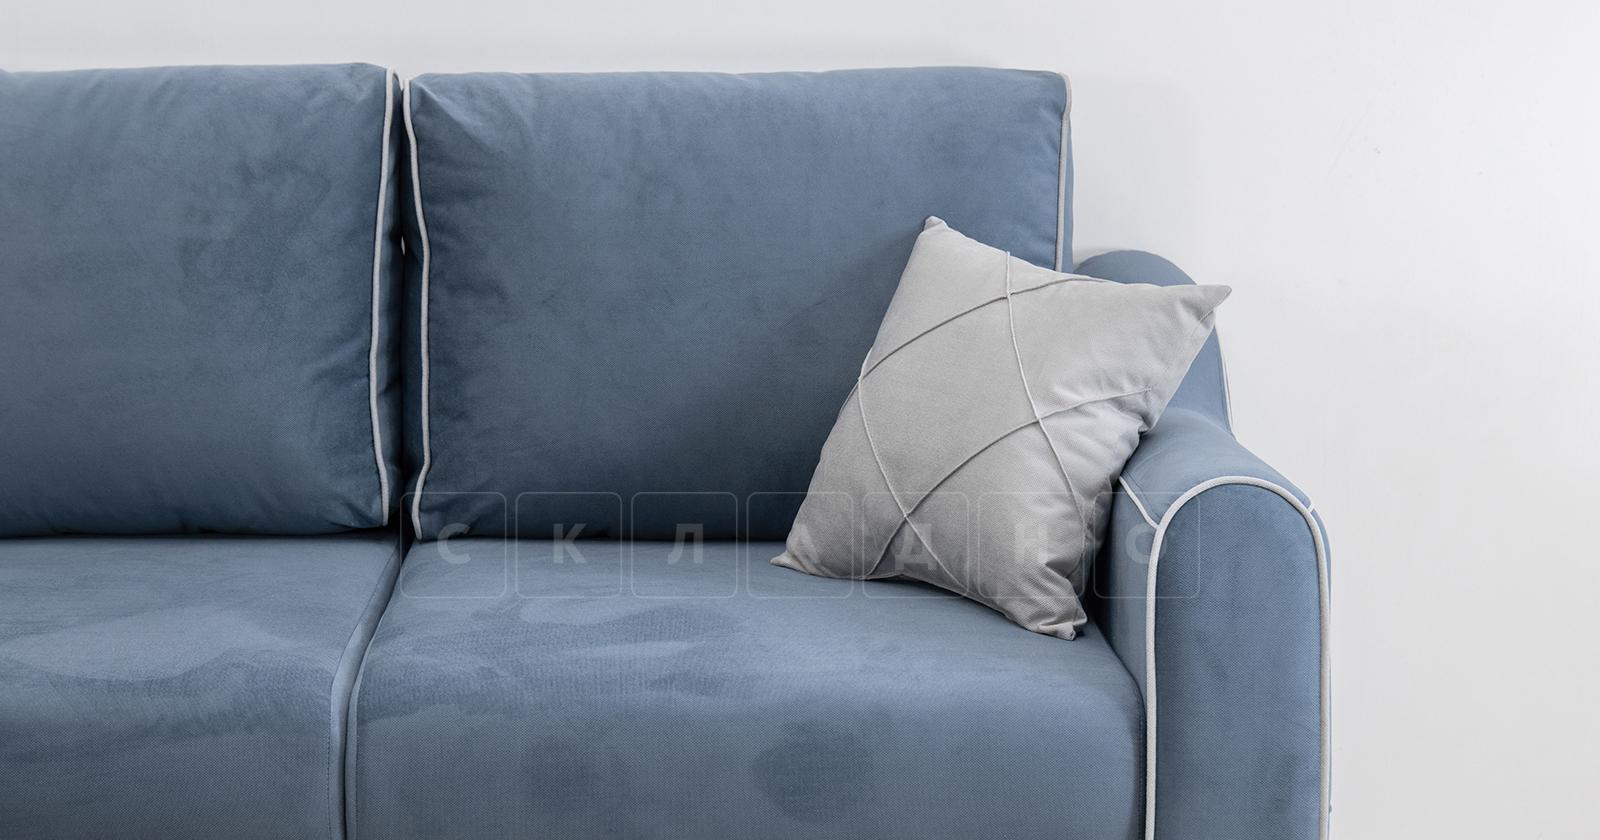 Диван-кровать угловой Флэтфорд серо-синий фото 8 | интернет-магазин Складно